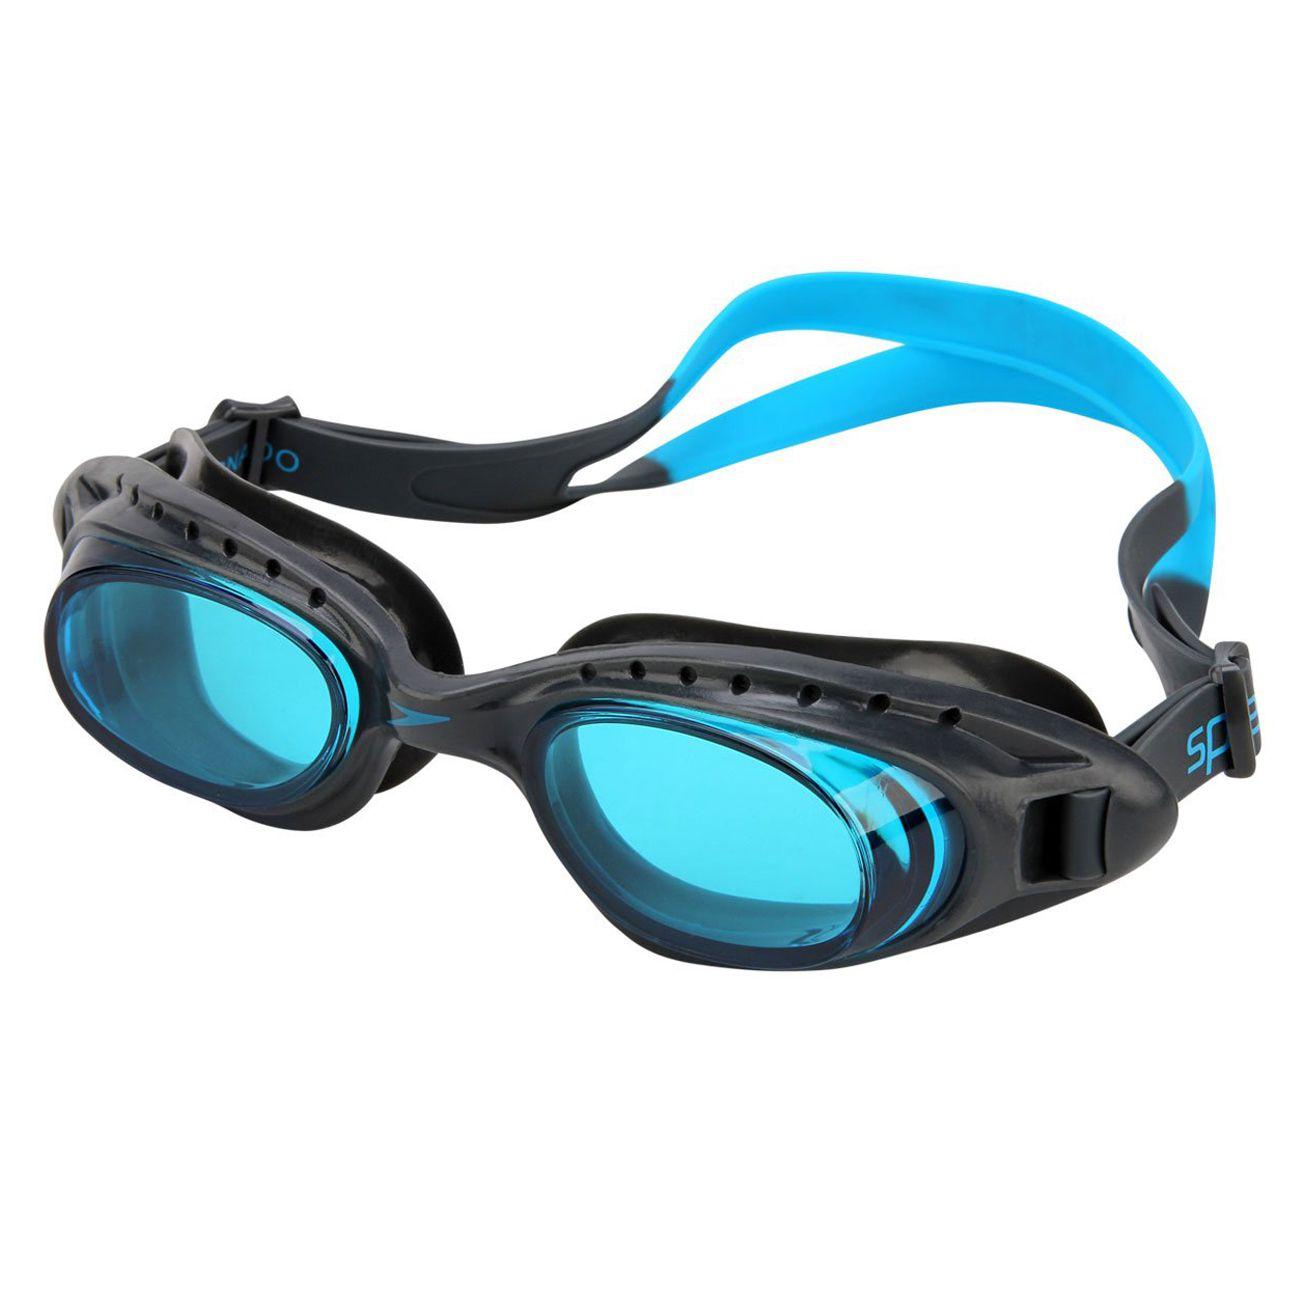 Oculos De Natacao Speedo Tornado Onix E Azul